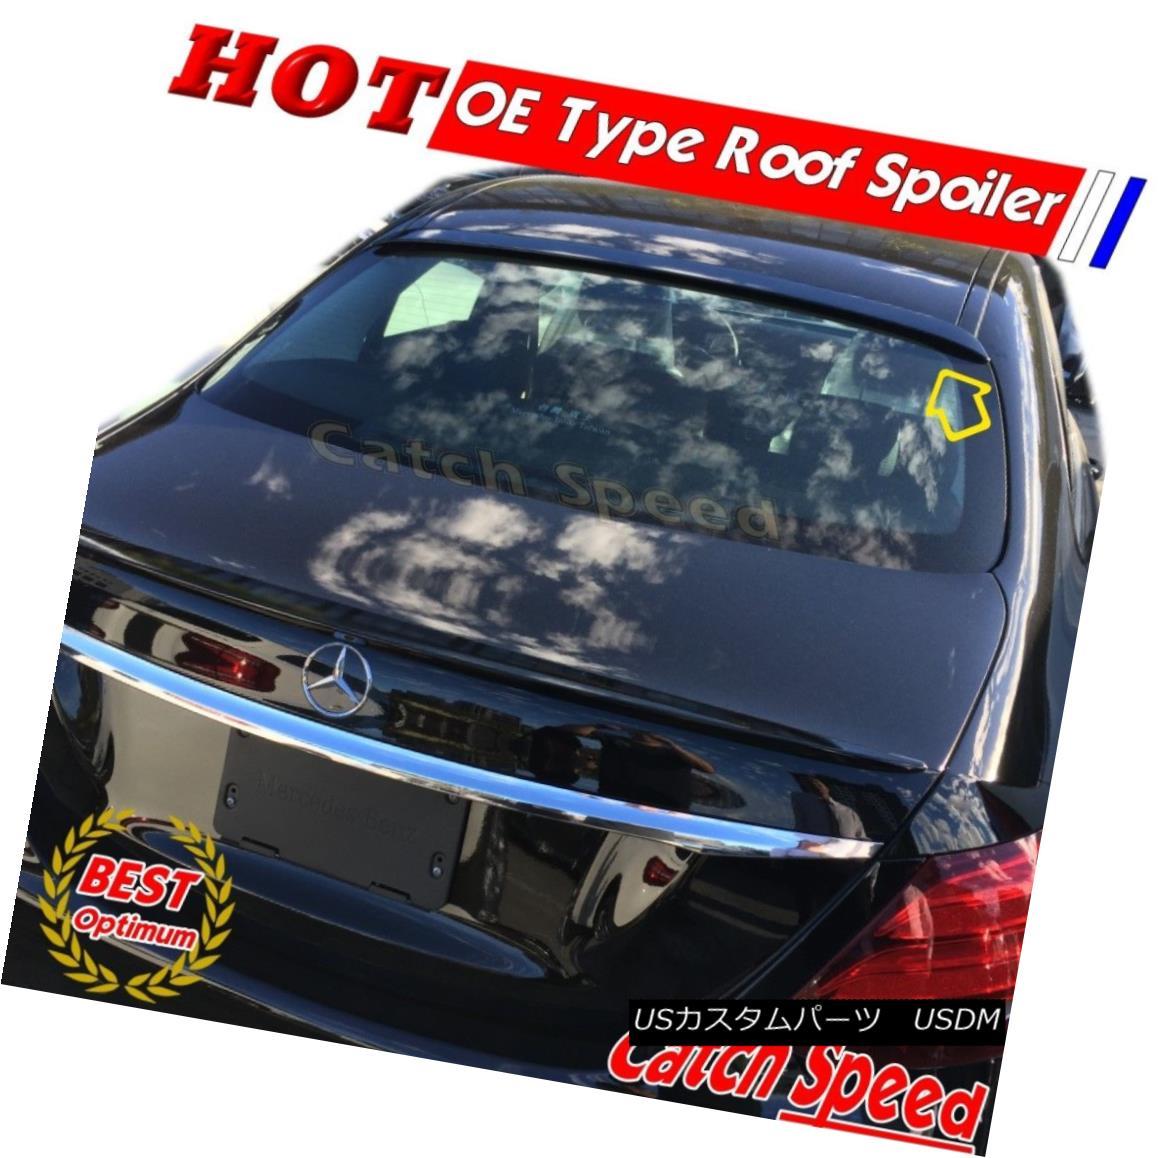 エアロパーツ Carbon Spoiler Fiber OE Style Carbon Roof Spoiler Wing For Style Mercedes Benz 2016-18 W213 Sedan メルセデスベンツ2016-18 W213セダン用炭素繊維OEスタイルルーフスポイラーウイング, SELECT HOUSE:5f563196 --- sunward.msk.ru